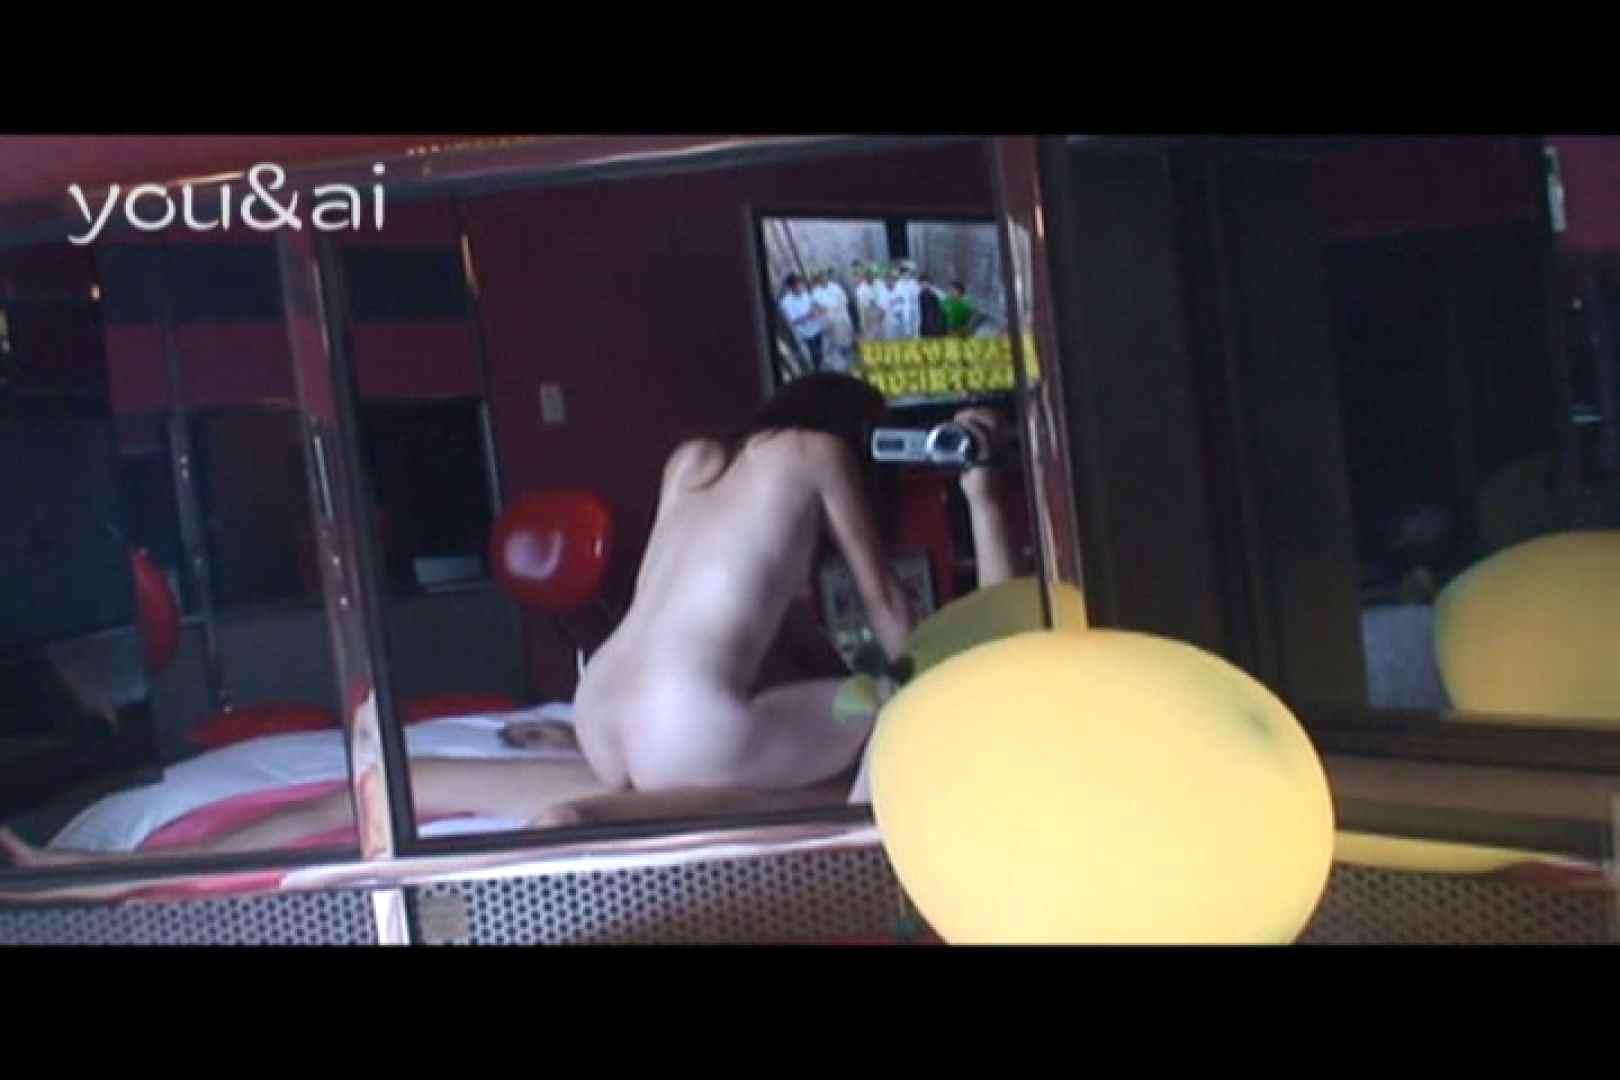 おしどり夫婦のyou&aiさん投稿作品vol.5 ラブホテル おめこ無修正動画無料 84連発 11